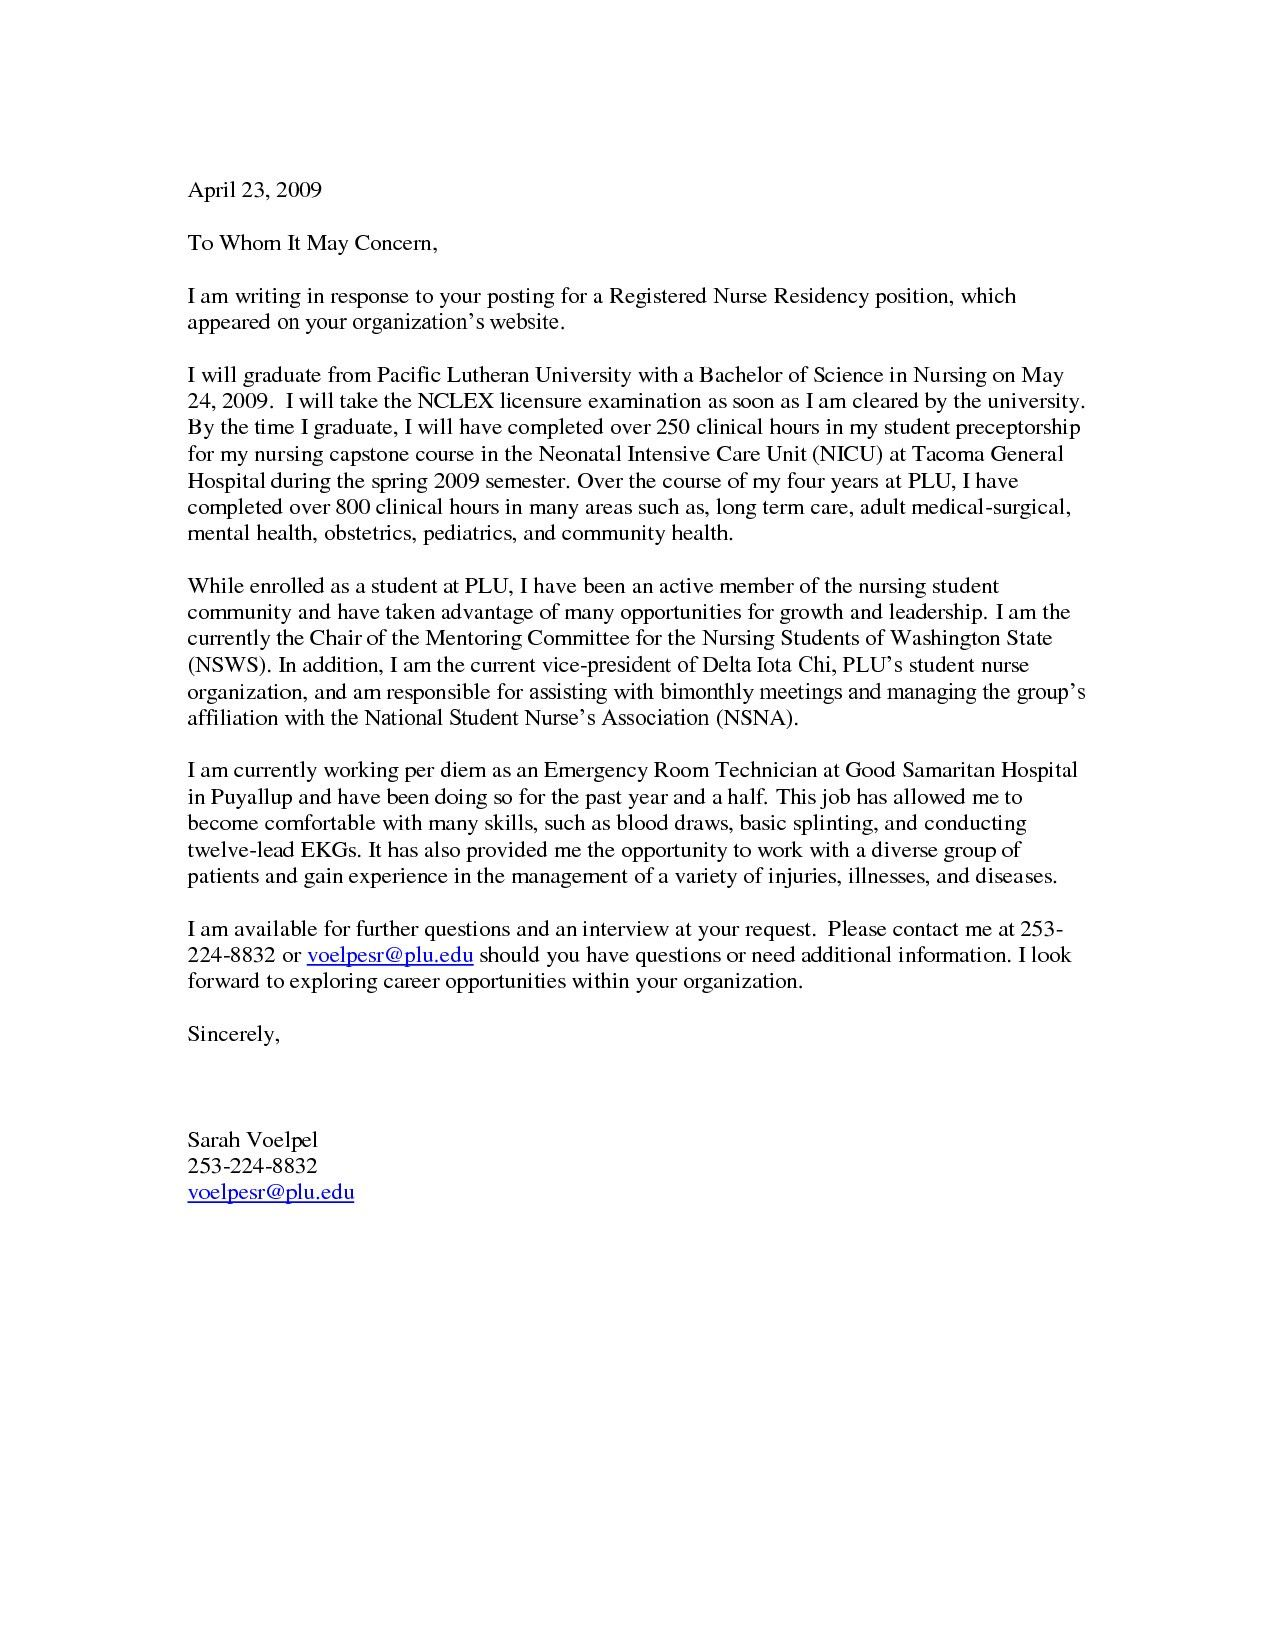 New Grad Rn Cover Letter Samples